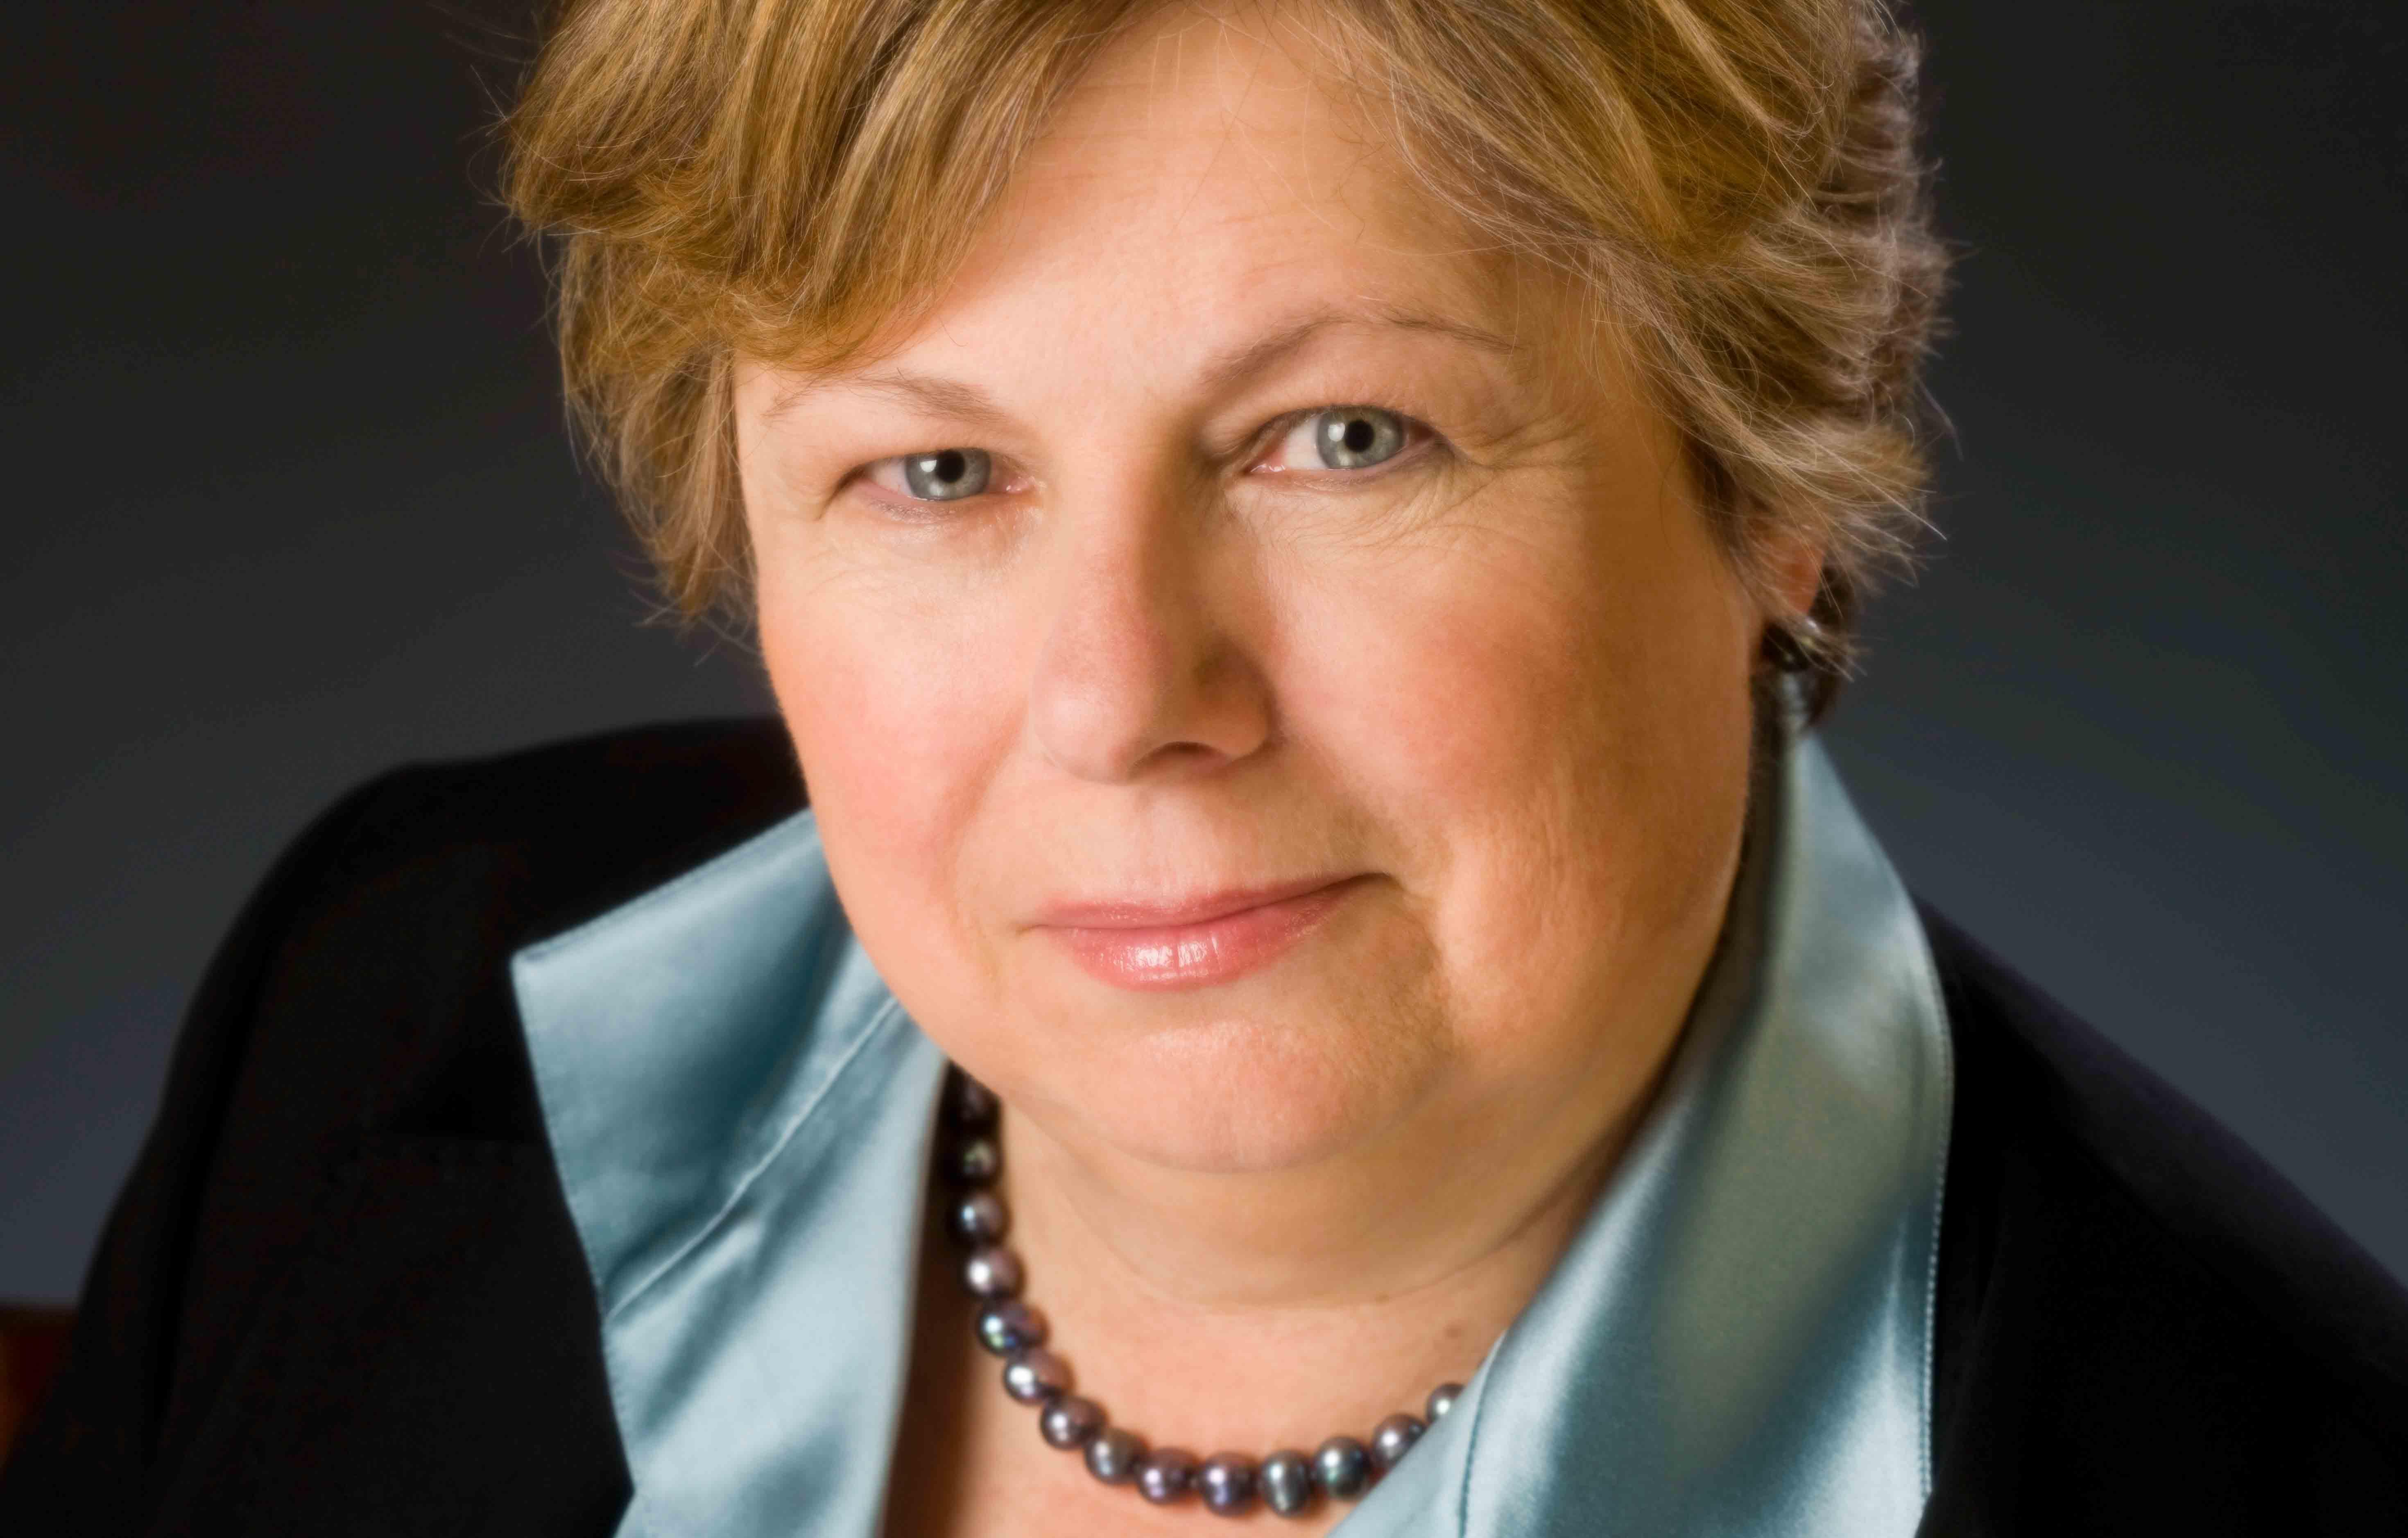 Nanette Lee Miller